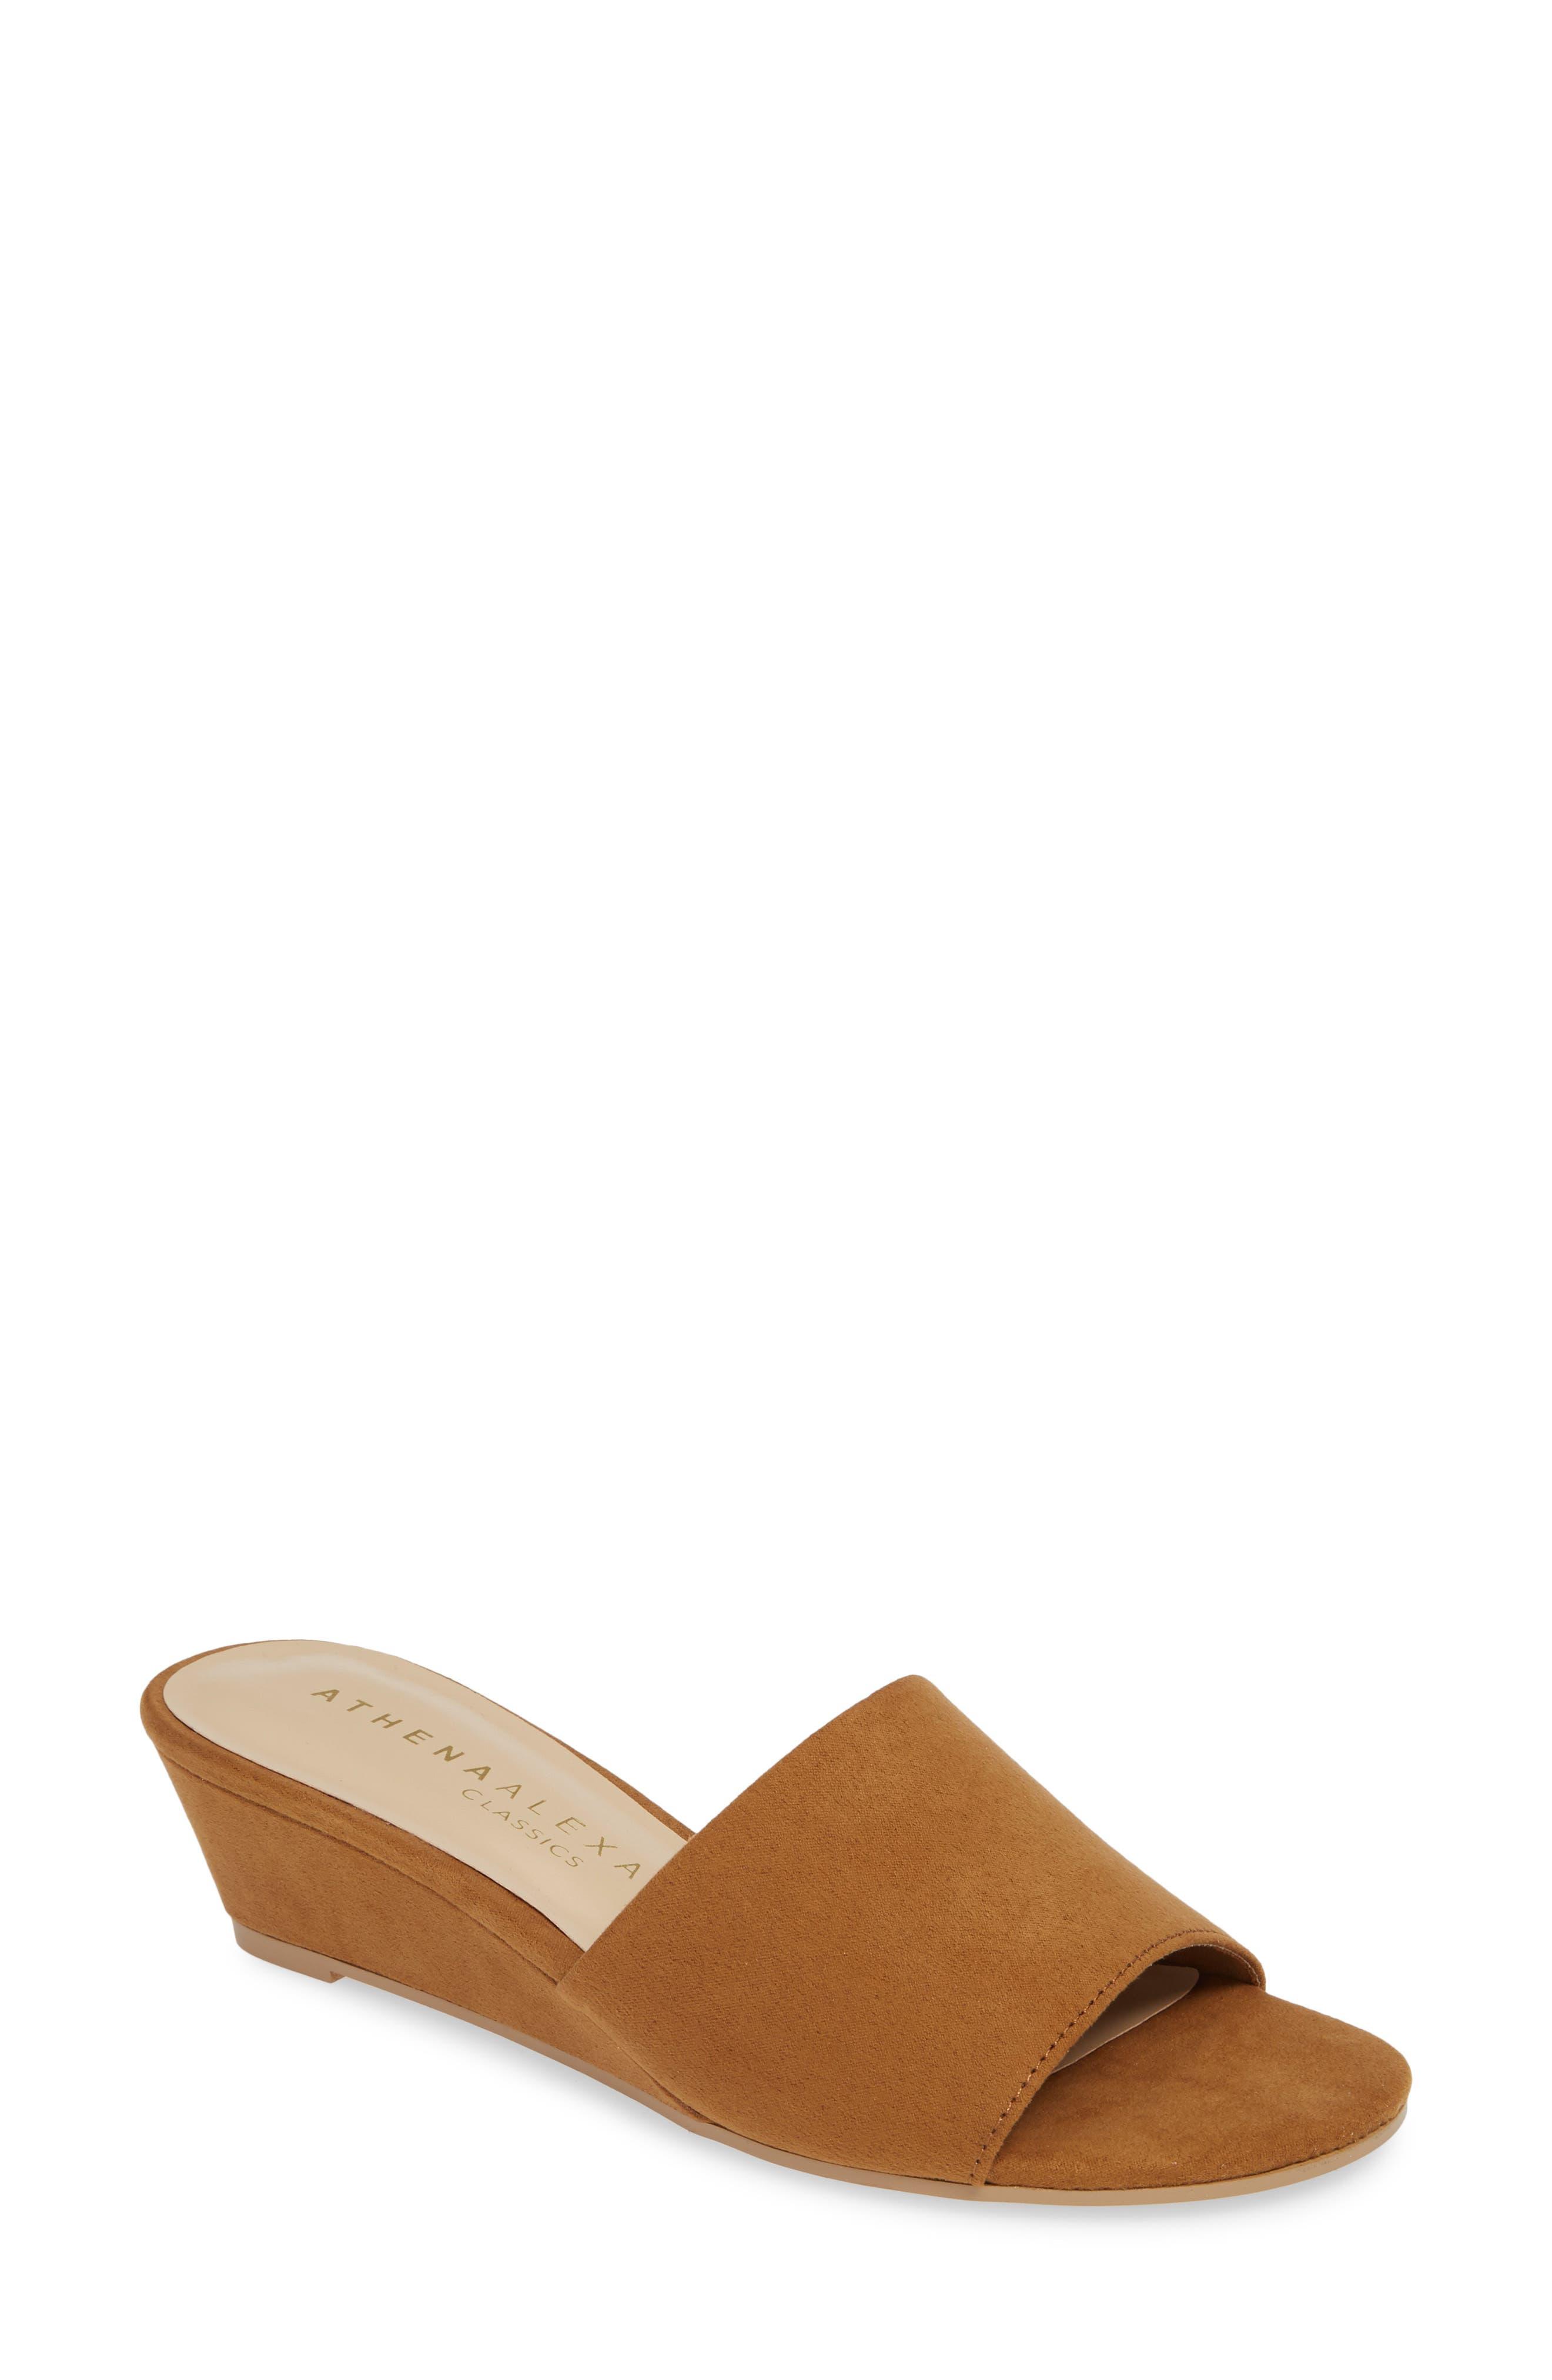 c42a635b6e44 Athena Alexander Shoes